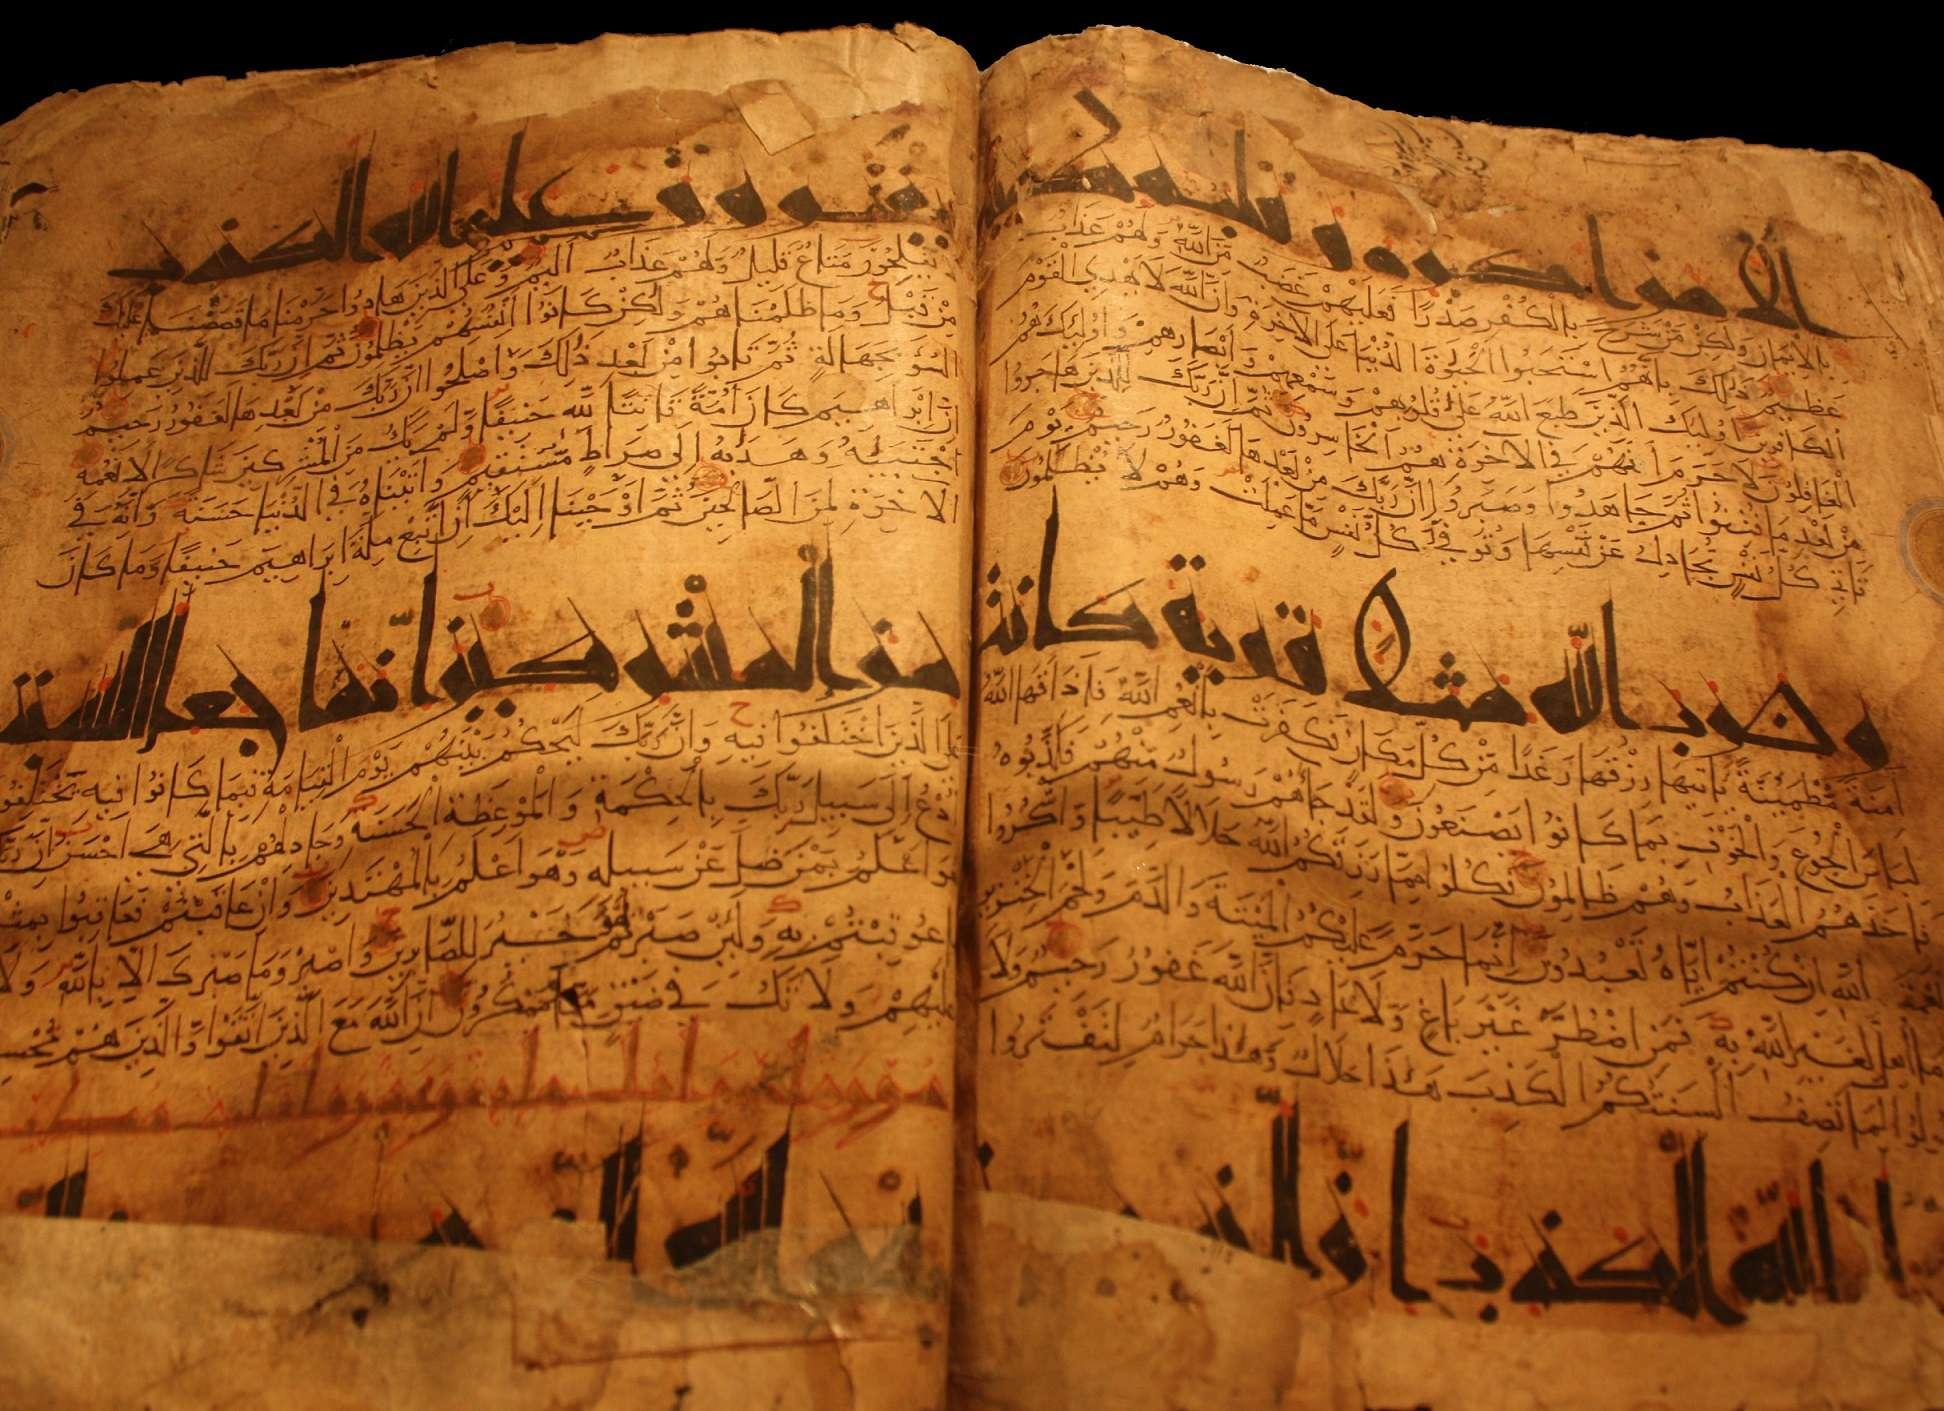 Το ιερόν βιβλίον το περιέχον την διδασκαλίαν του Μωάμεθ λέγεται Κοράνιον (Κοράν = ανάγνωσμα).